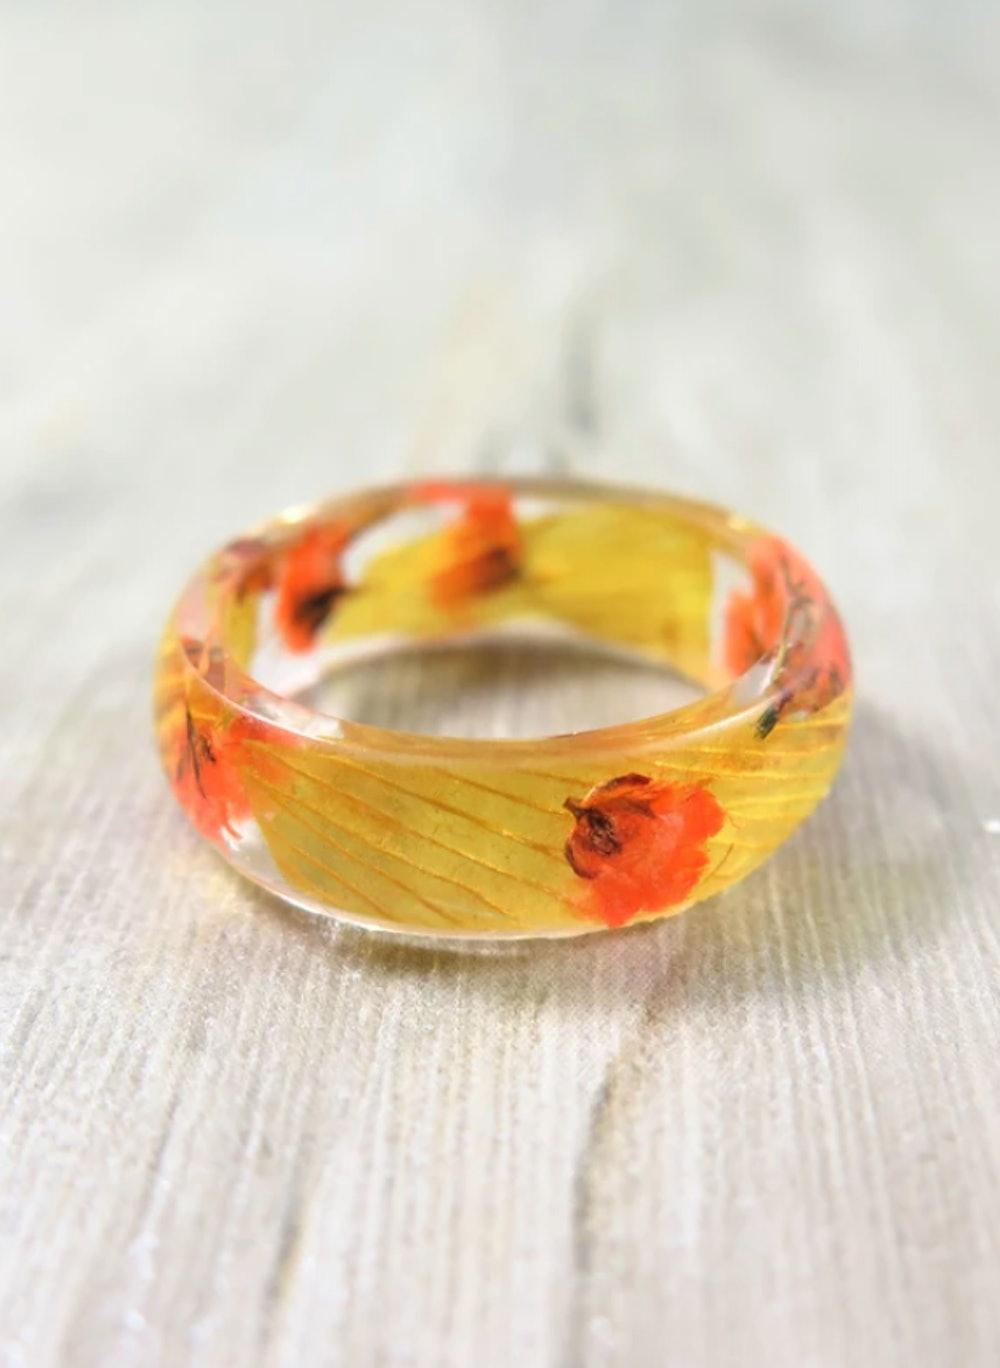 Autumn Flower Ring Real Flower Resin Ring